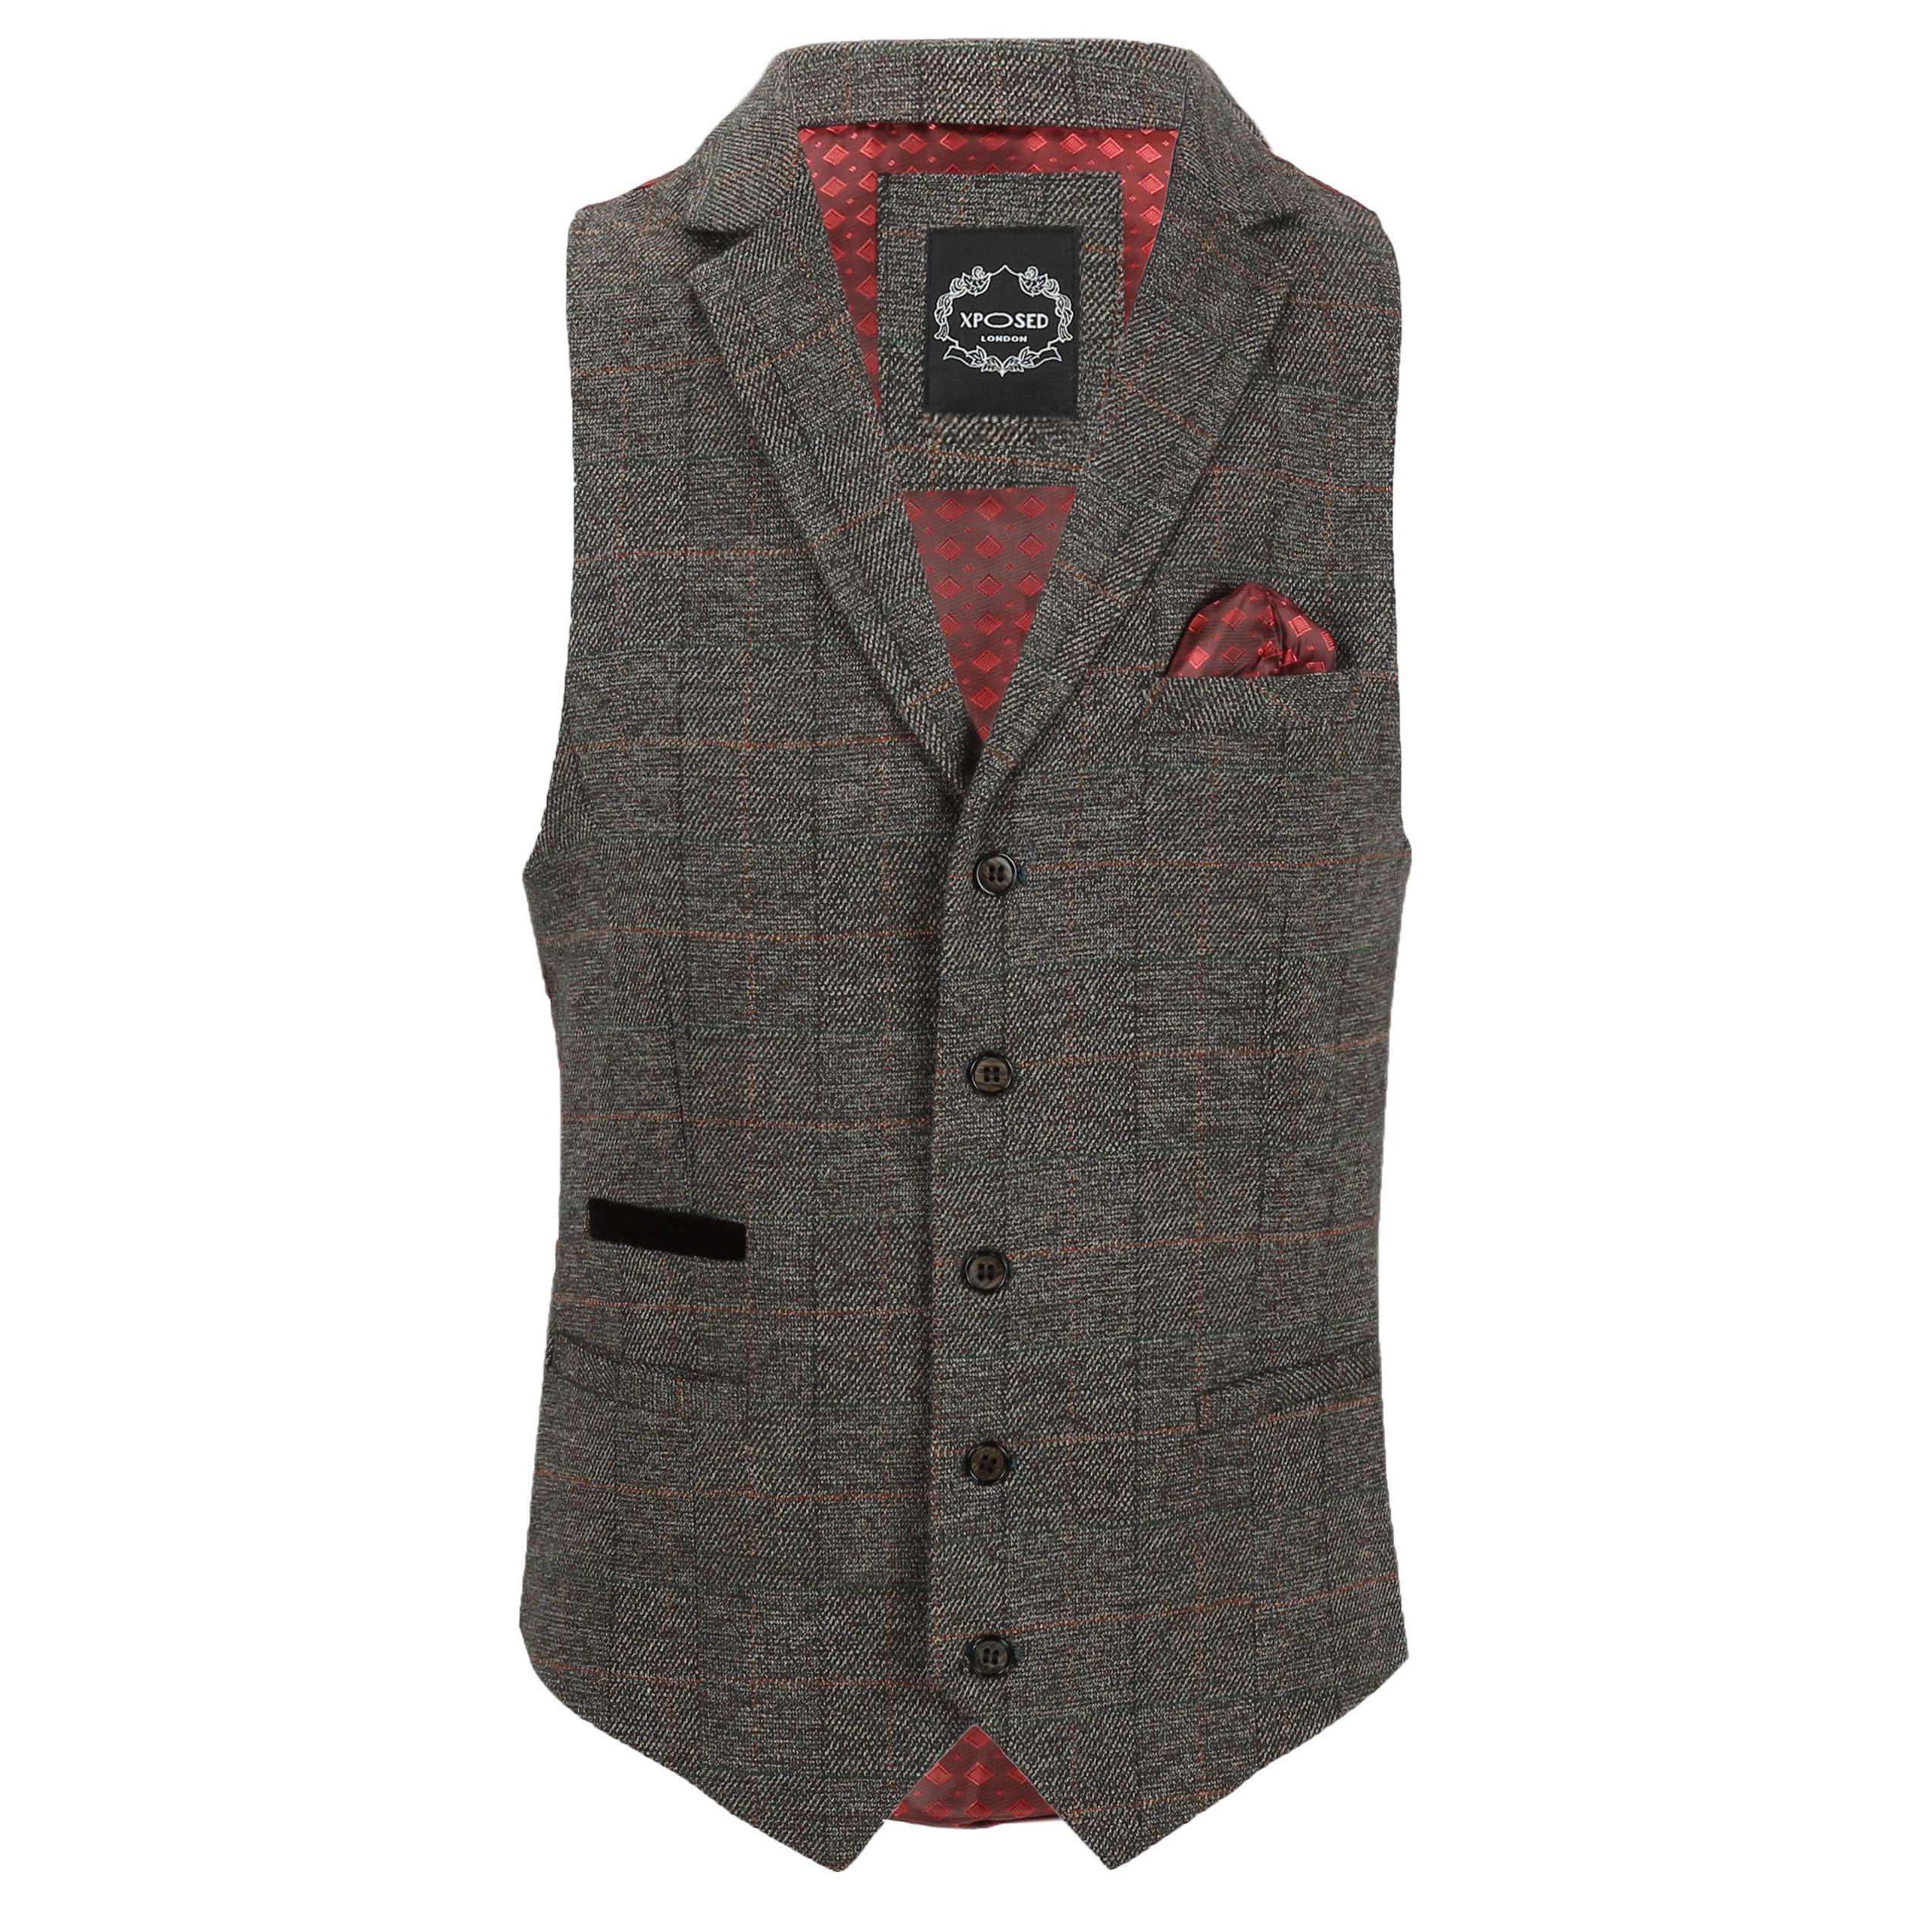 Chaleco-para-Hombre-Tweed-Cuadros-Retro-espiga-con-Cuello-Inteligente-Formal-ajustado-fitvest miniatura 3